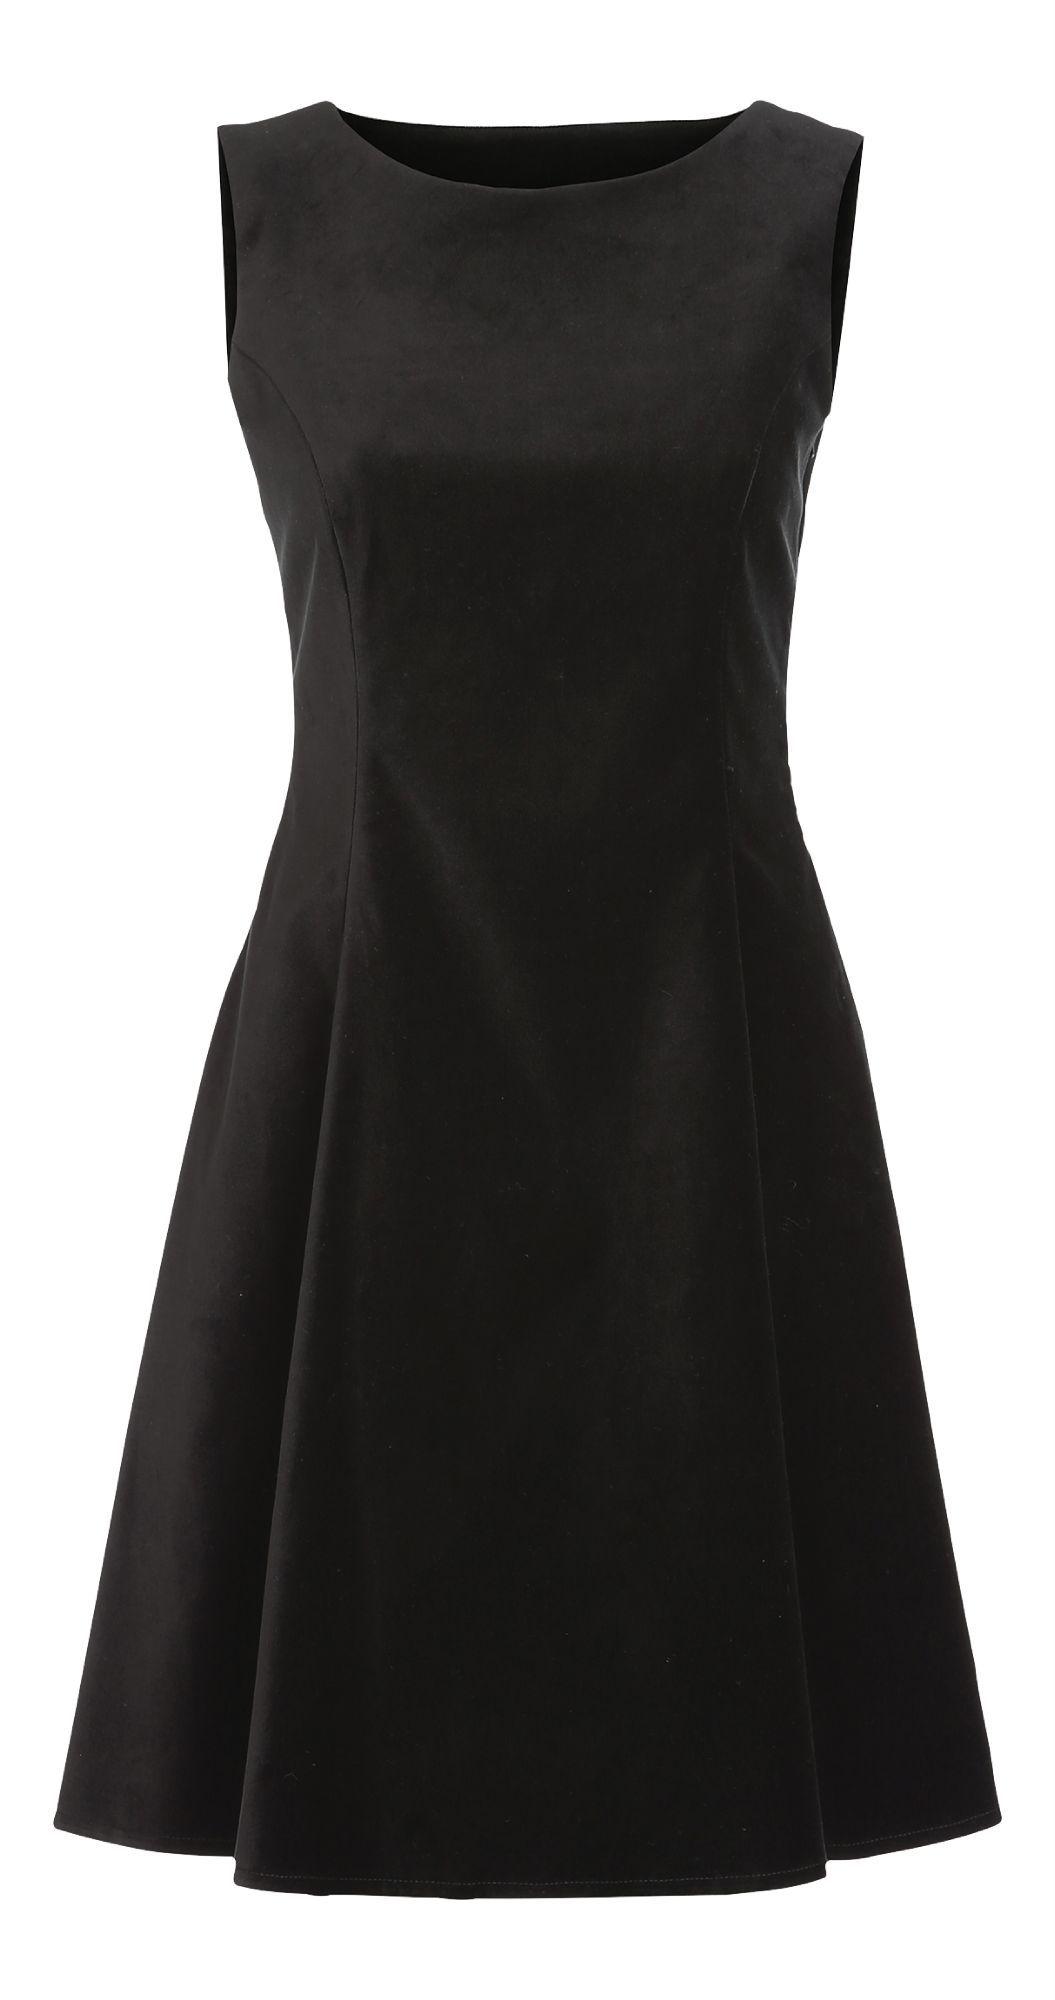 Kleid, Gr. 5 - STOFF & STIL  Nähen kleid damen, Kleidung muster